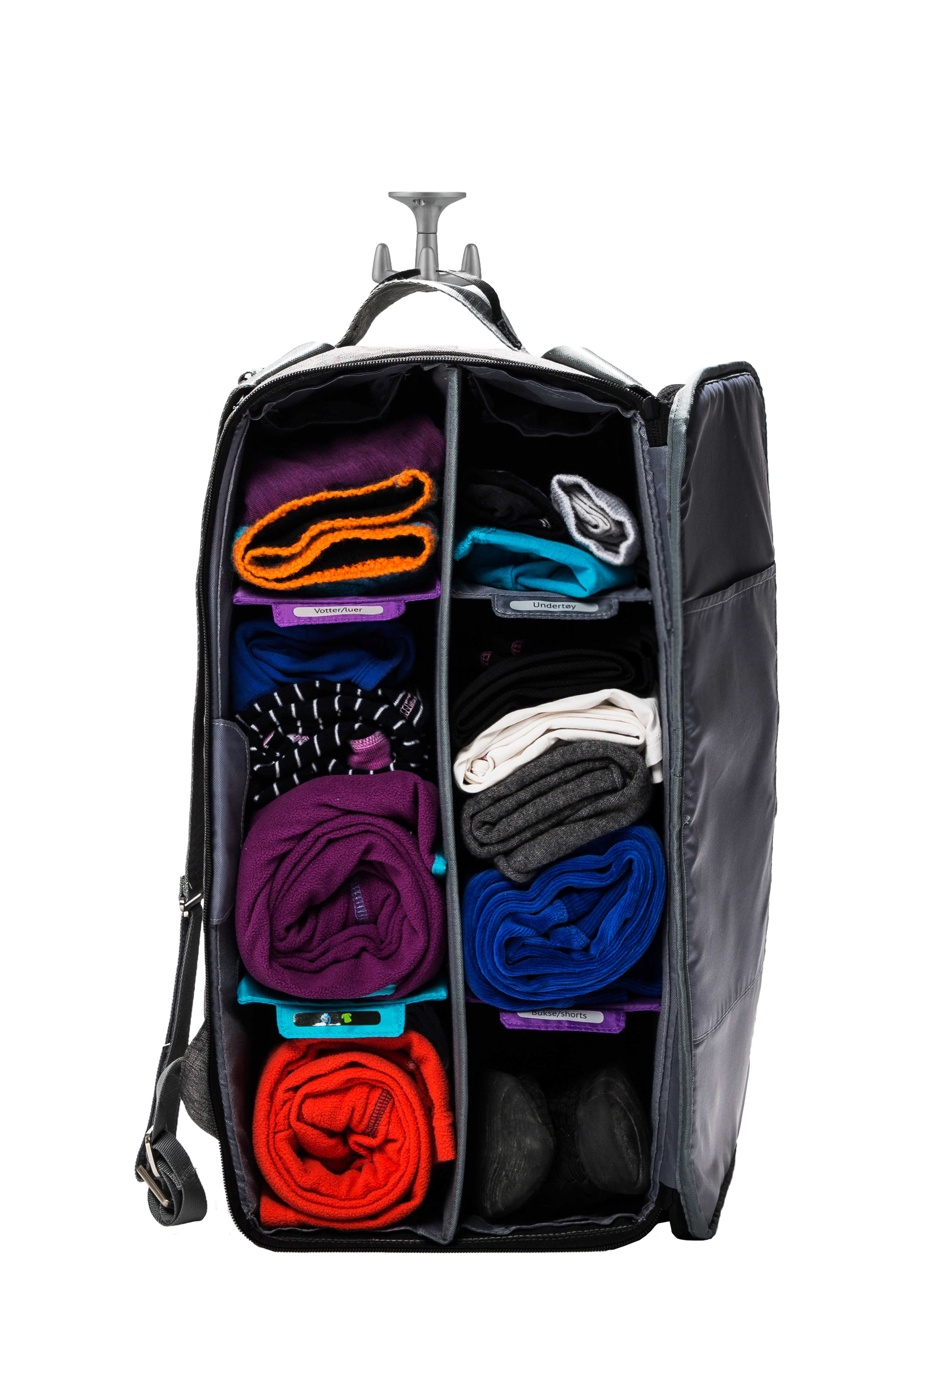 Smartpack Exclusive med krok barnehagebag weekendbag treningsbag lekekasse